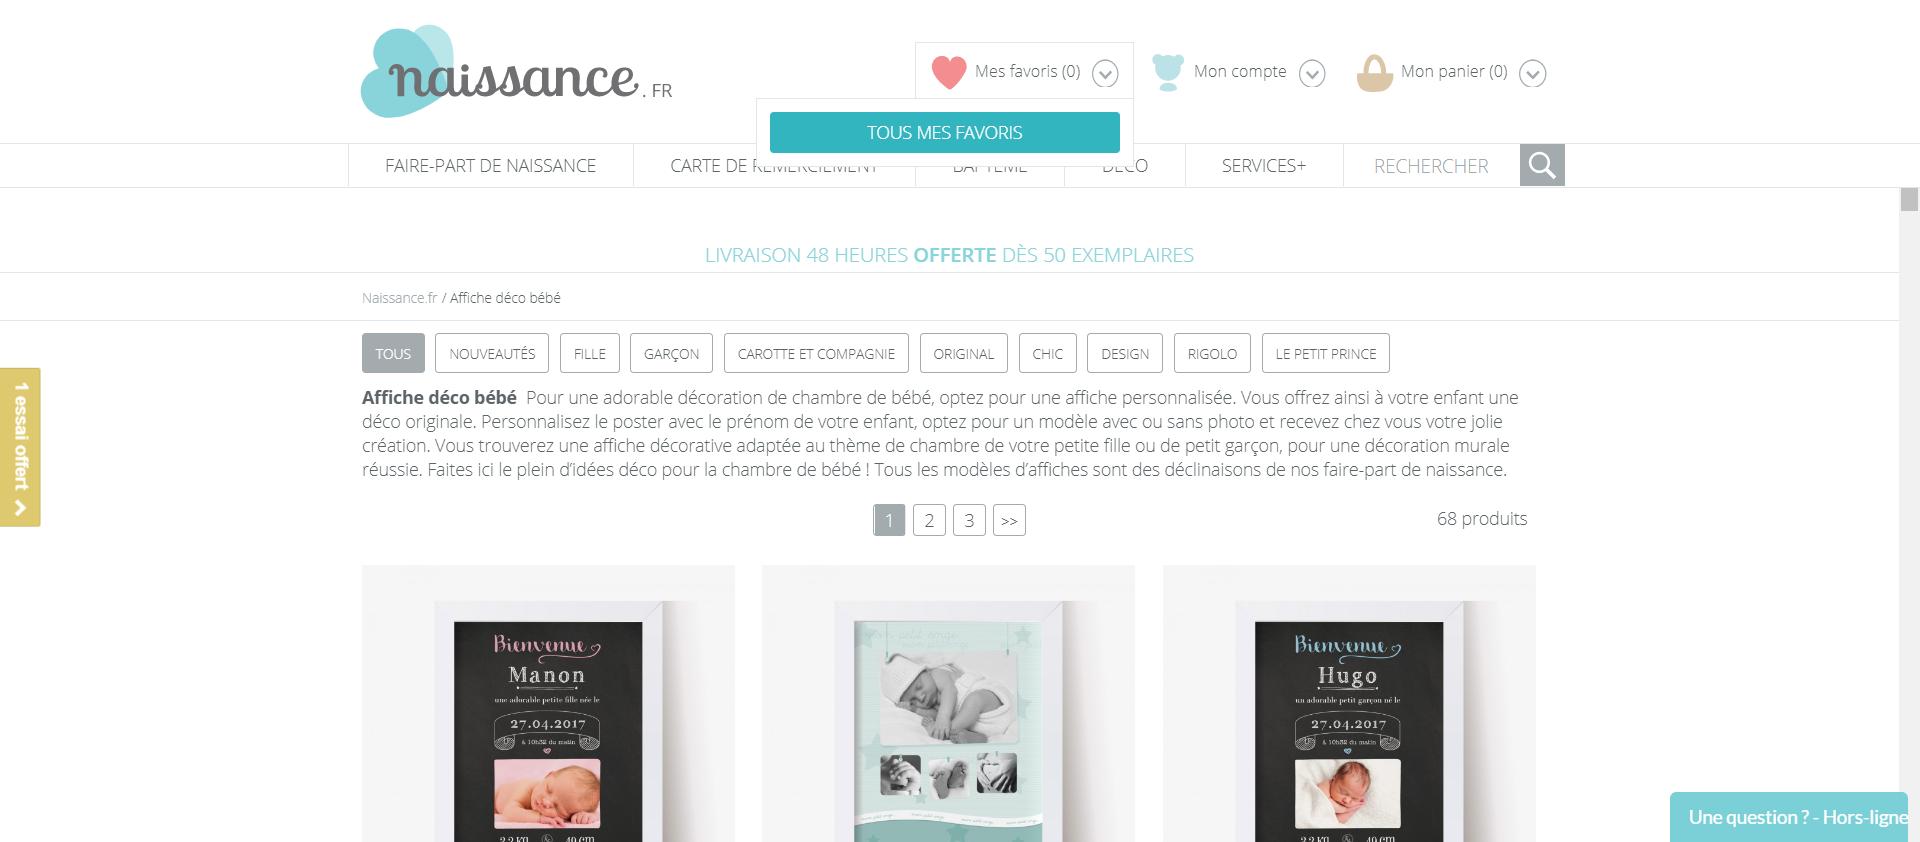 Affiche déco bébé produit à personnaliser Naissance.fr